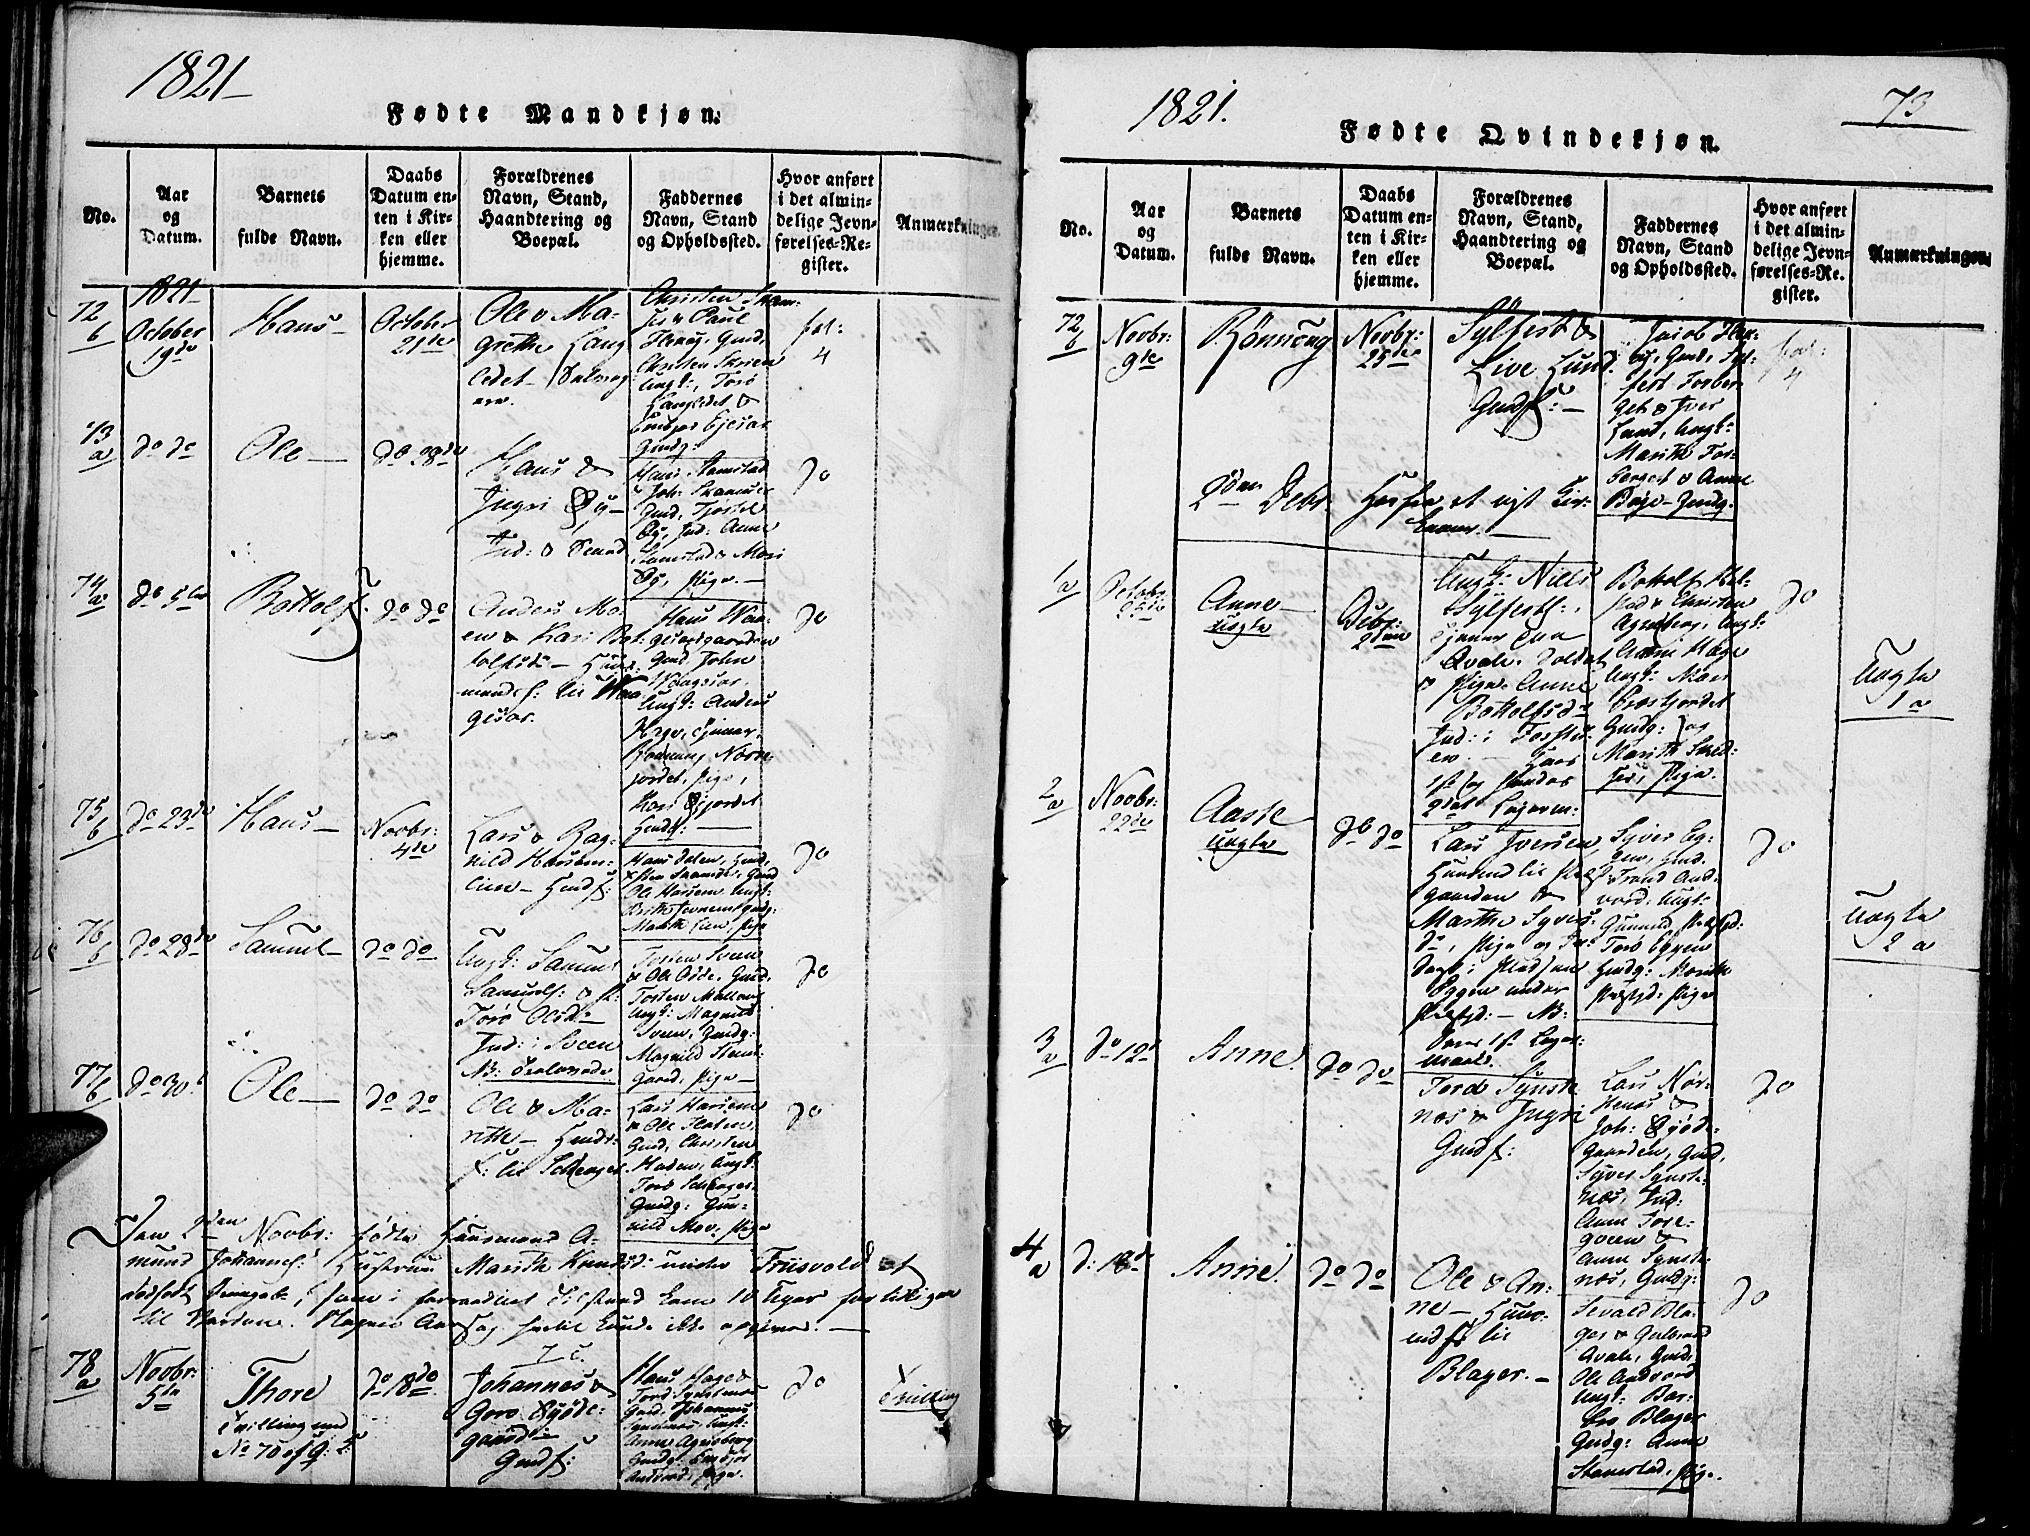 SAH, Lom prestekontor, K/L0004: Ministerialbok nr. 4, 1815-1825, s. 73